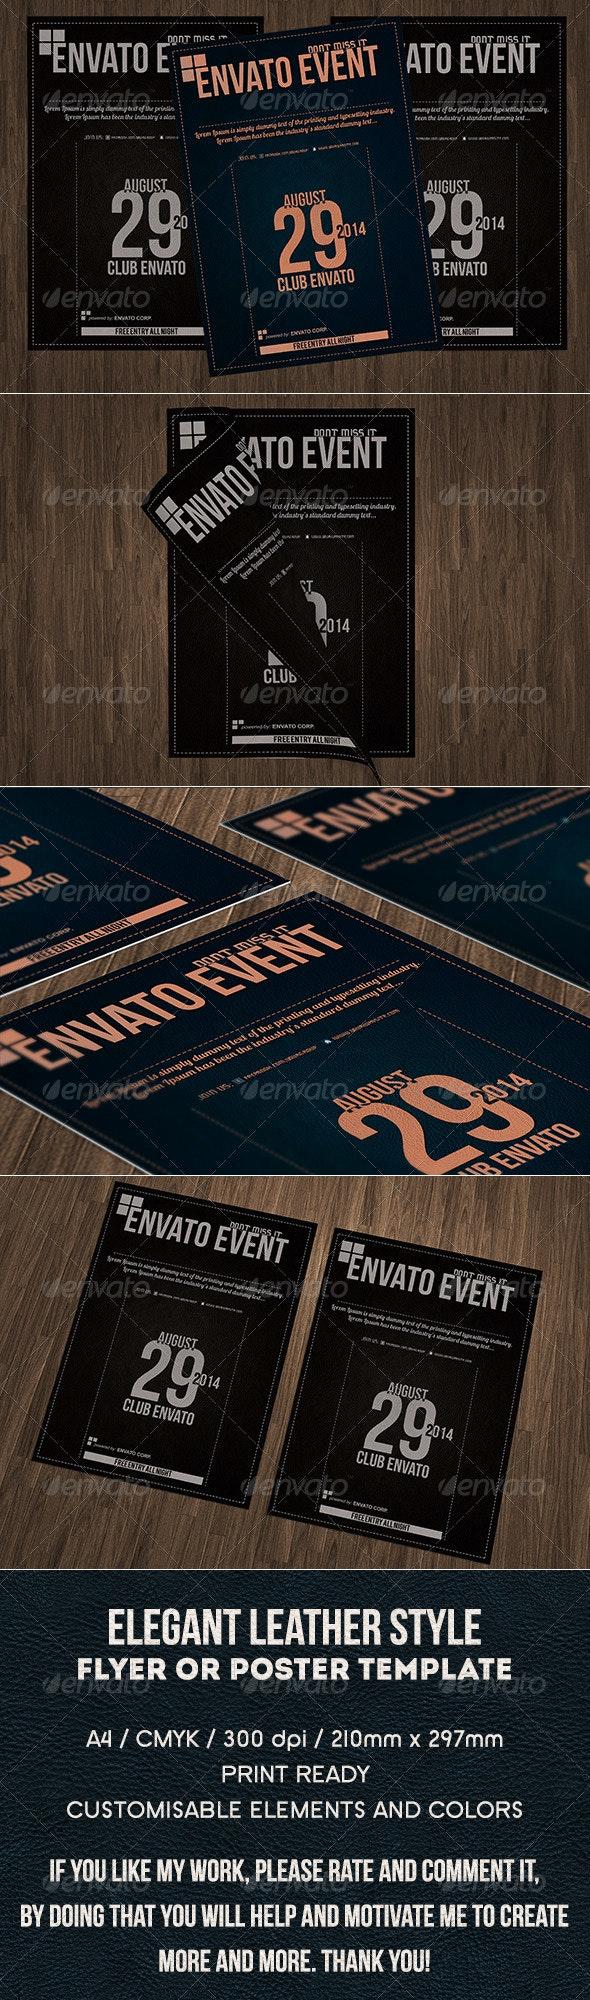 Elegant Multipurpose a4 Flyer or Poster